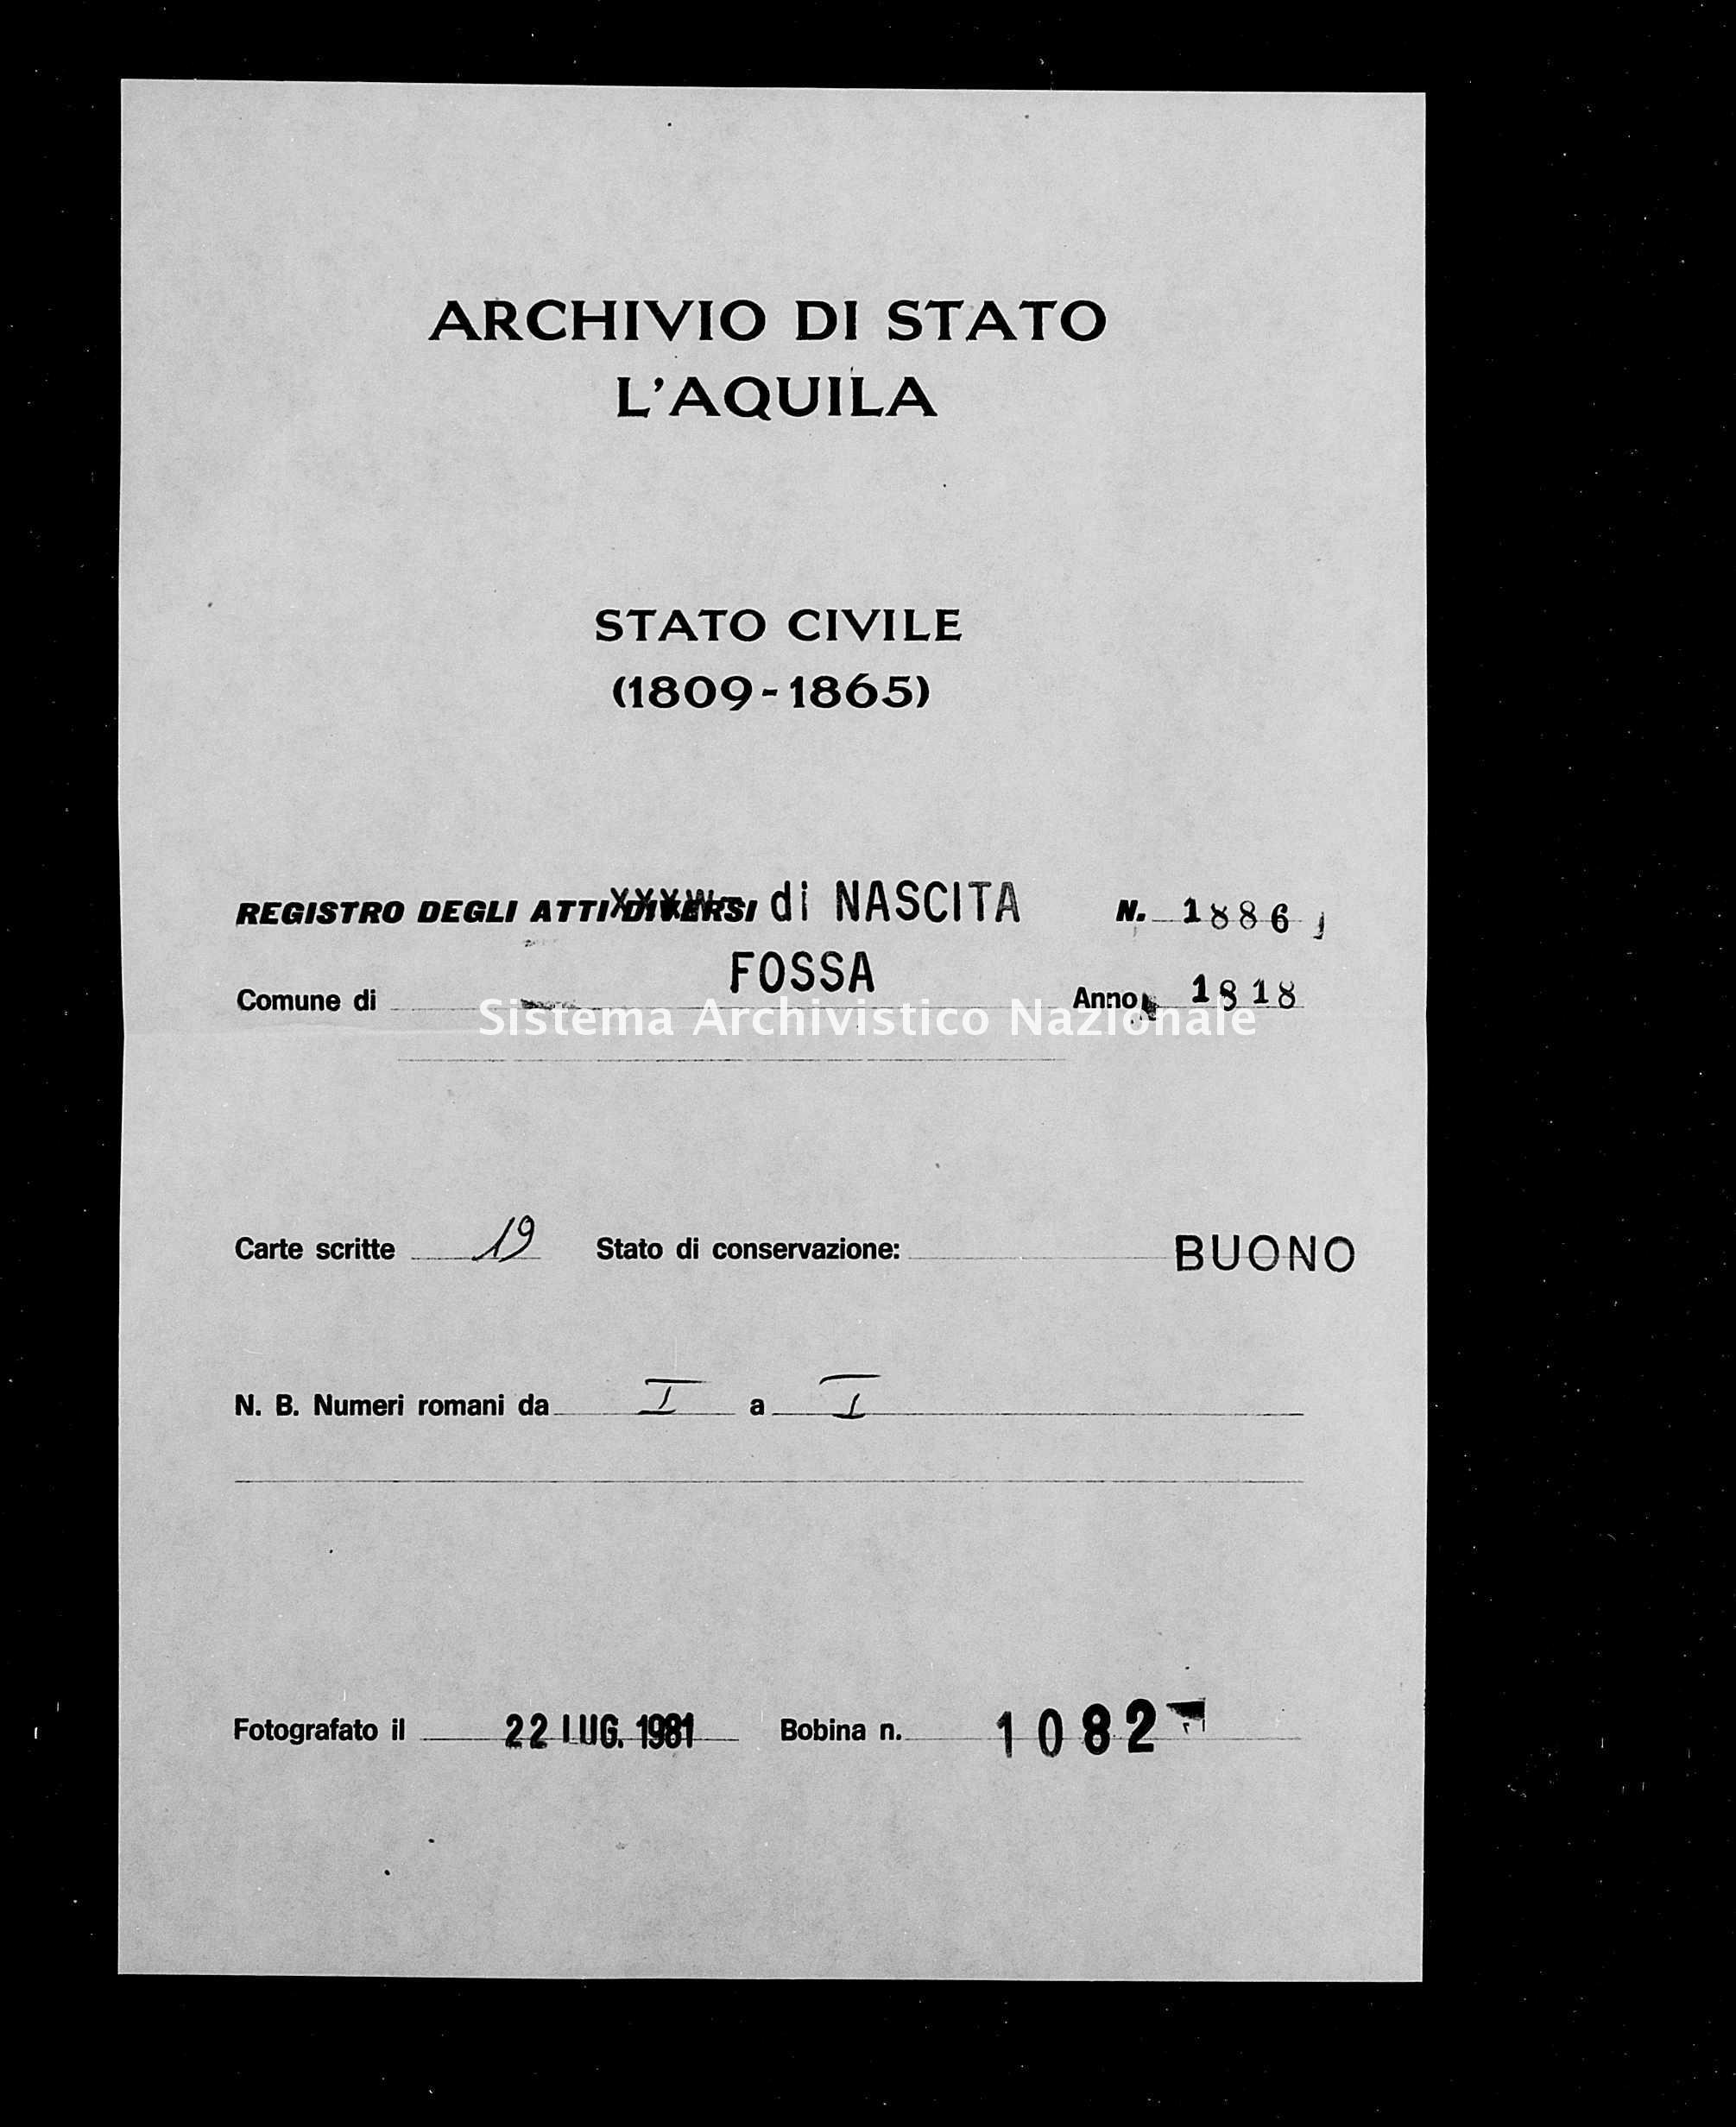 Archivio di stato di L'aquila - Stato civile della restaurazione - Fossa - Nati - 1818 - 1886 -